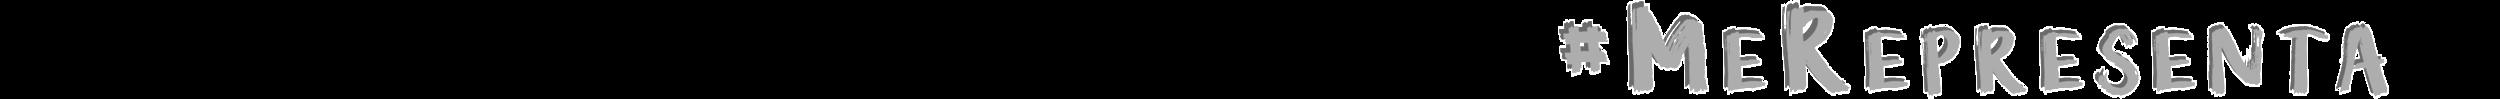 logo-merepresenta-site-2018.png